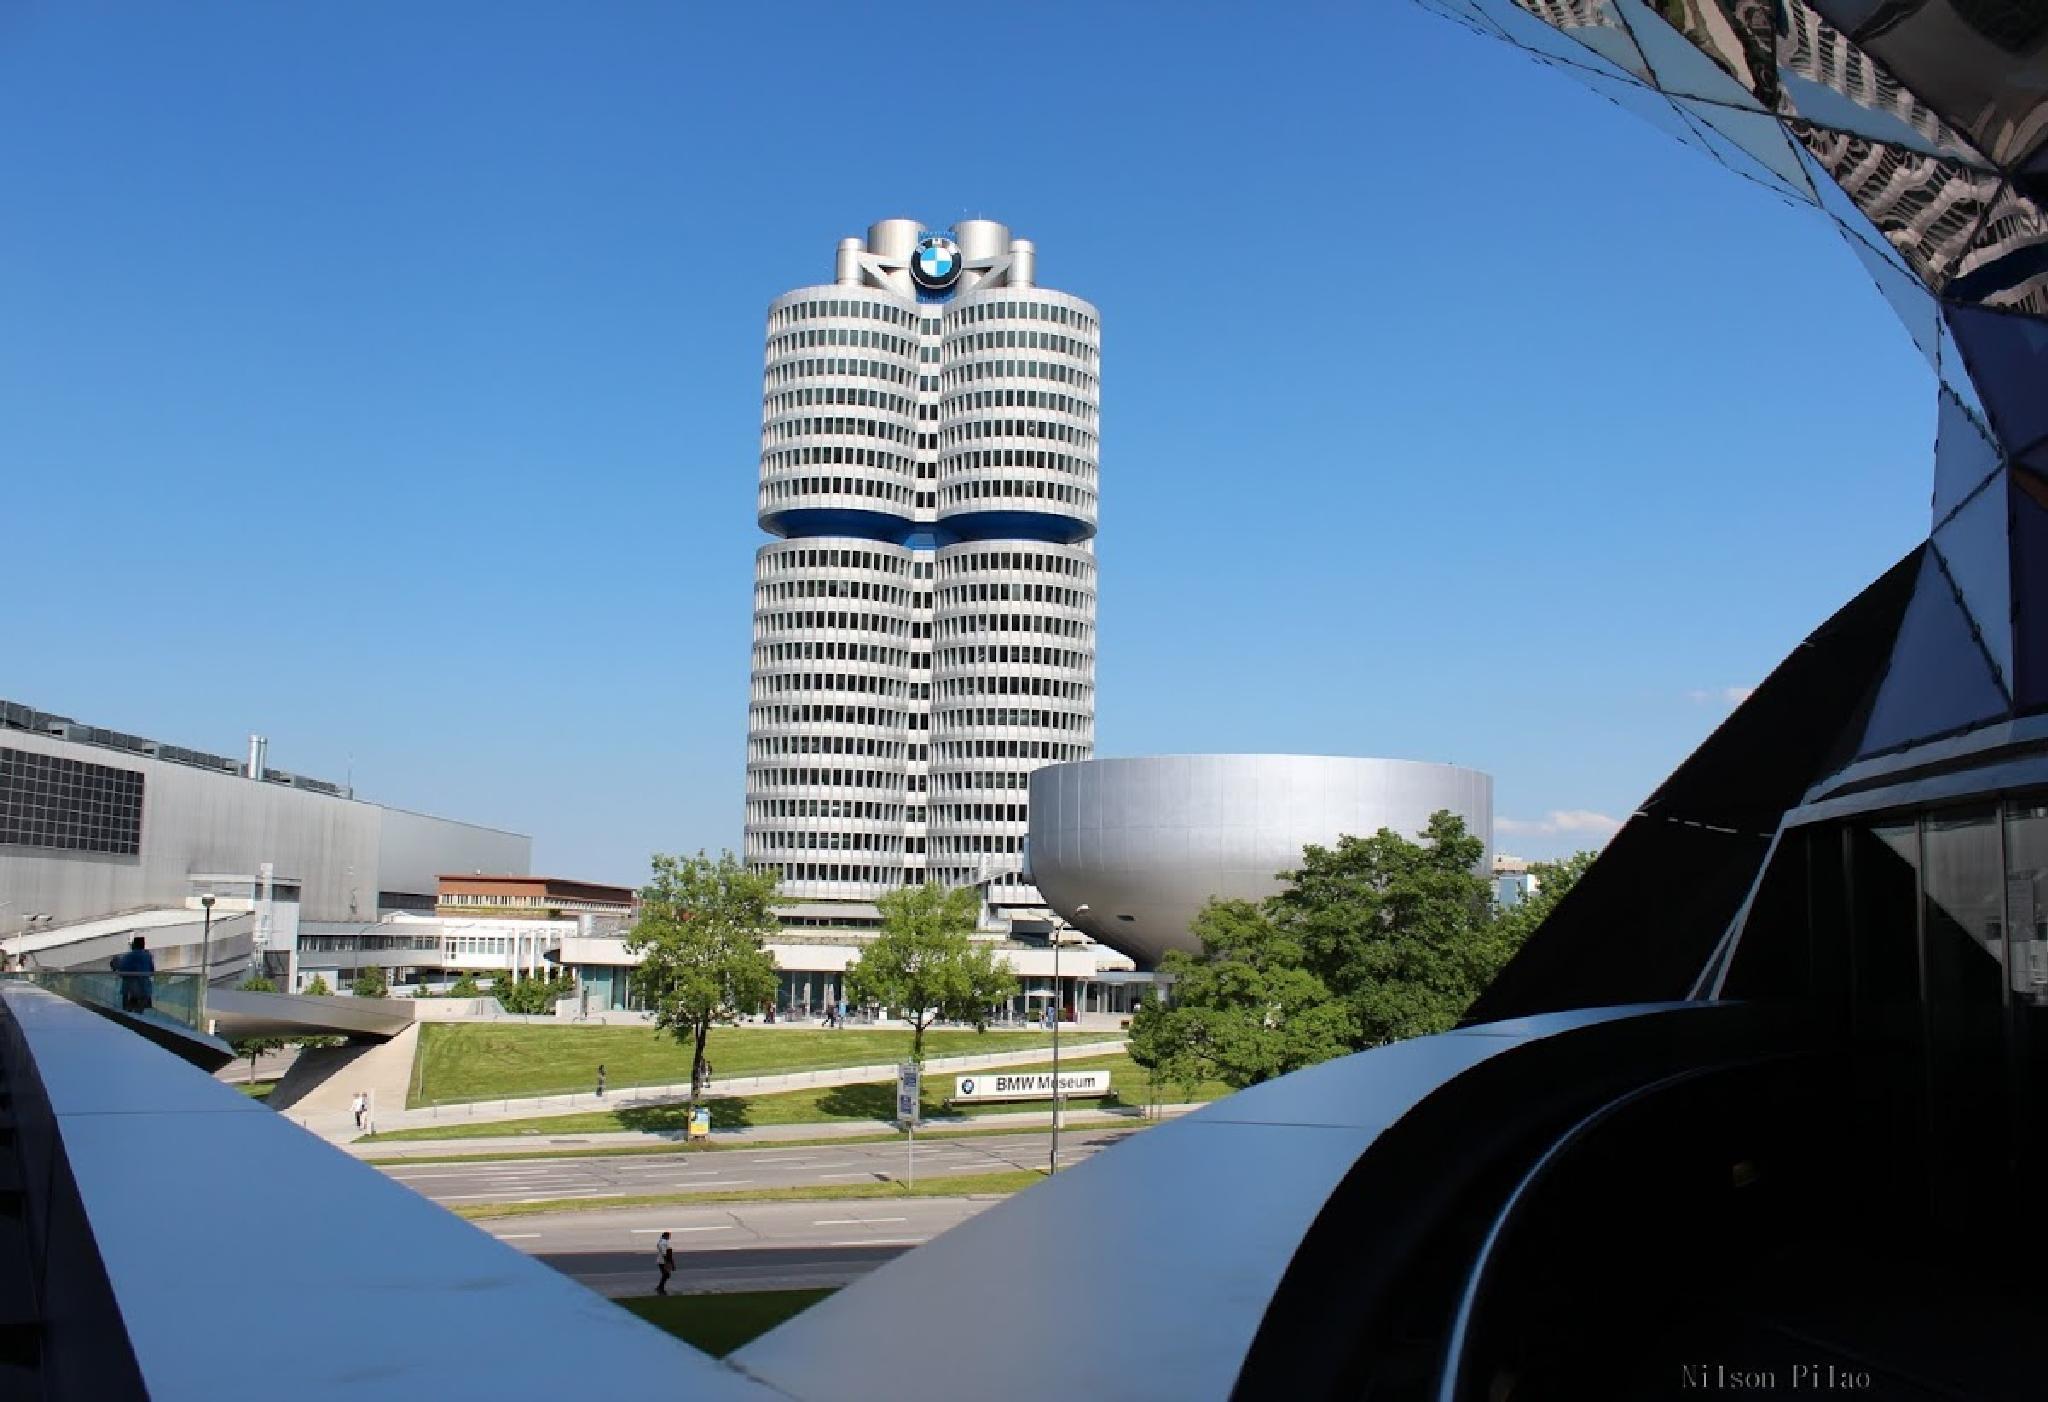 BMW by nilsonpilao